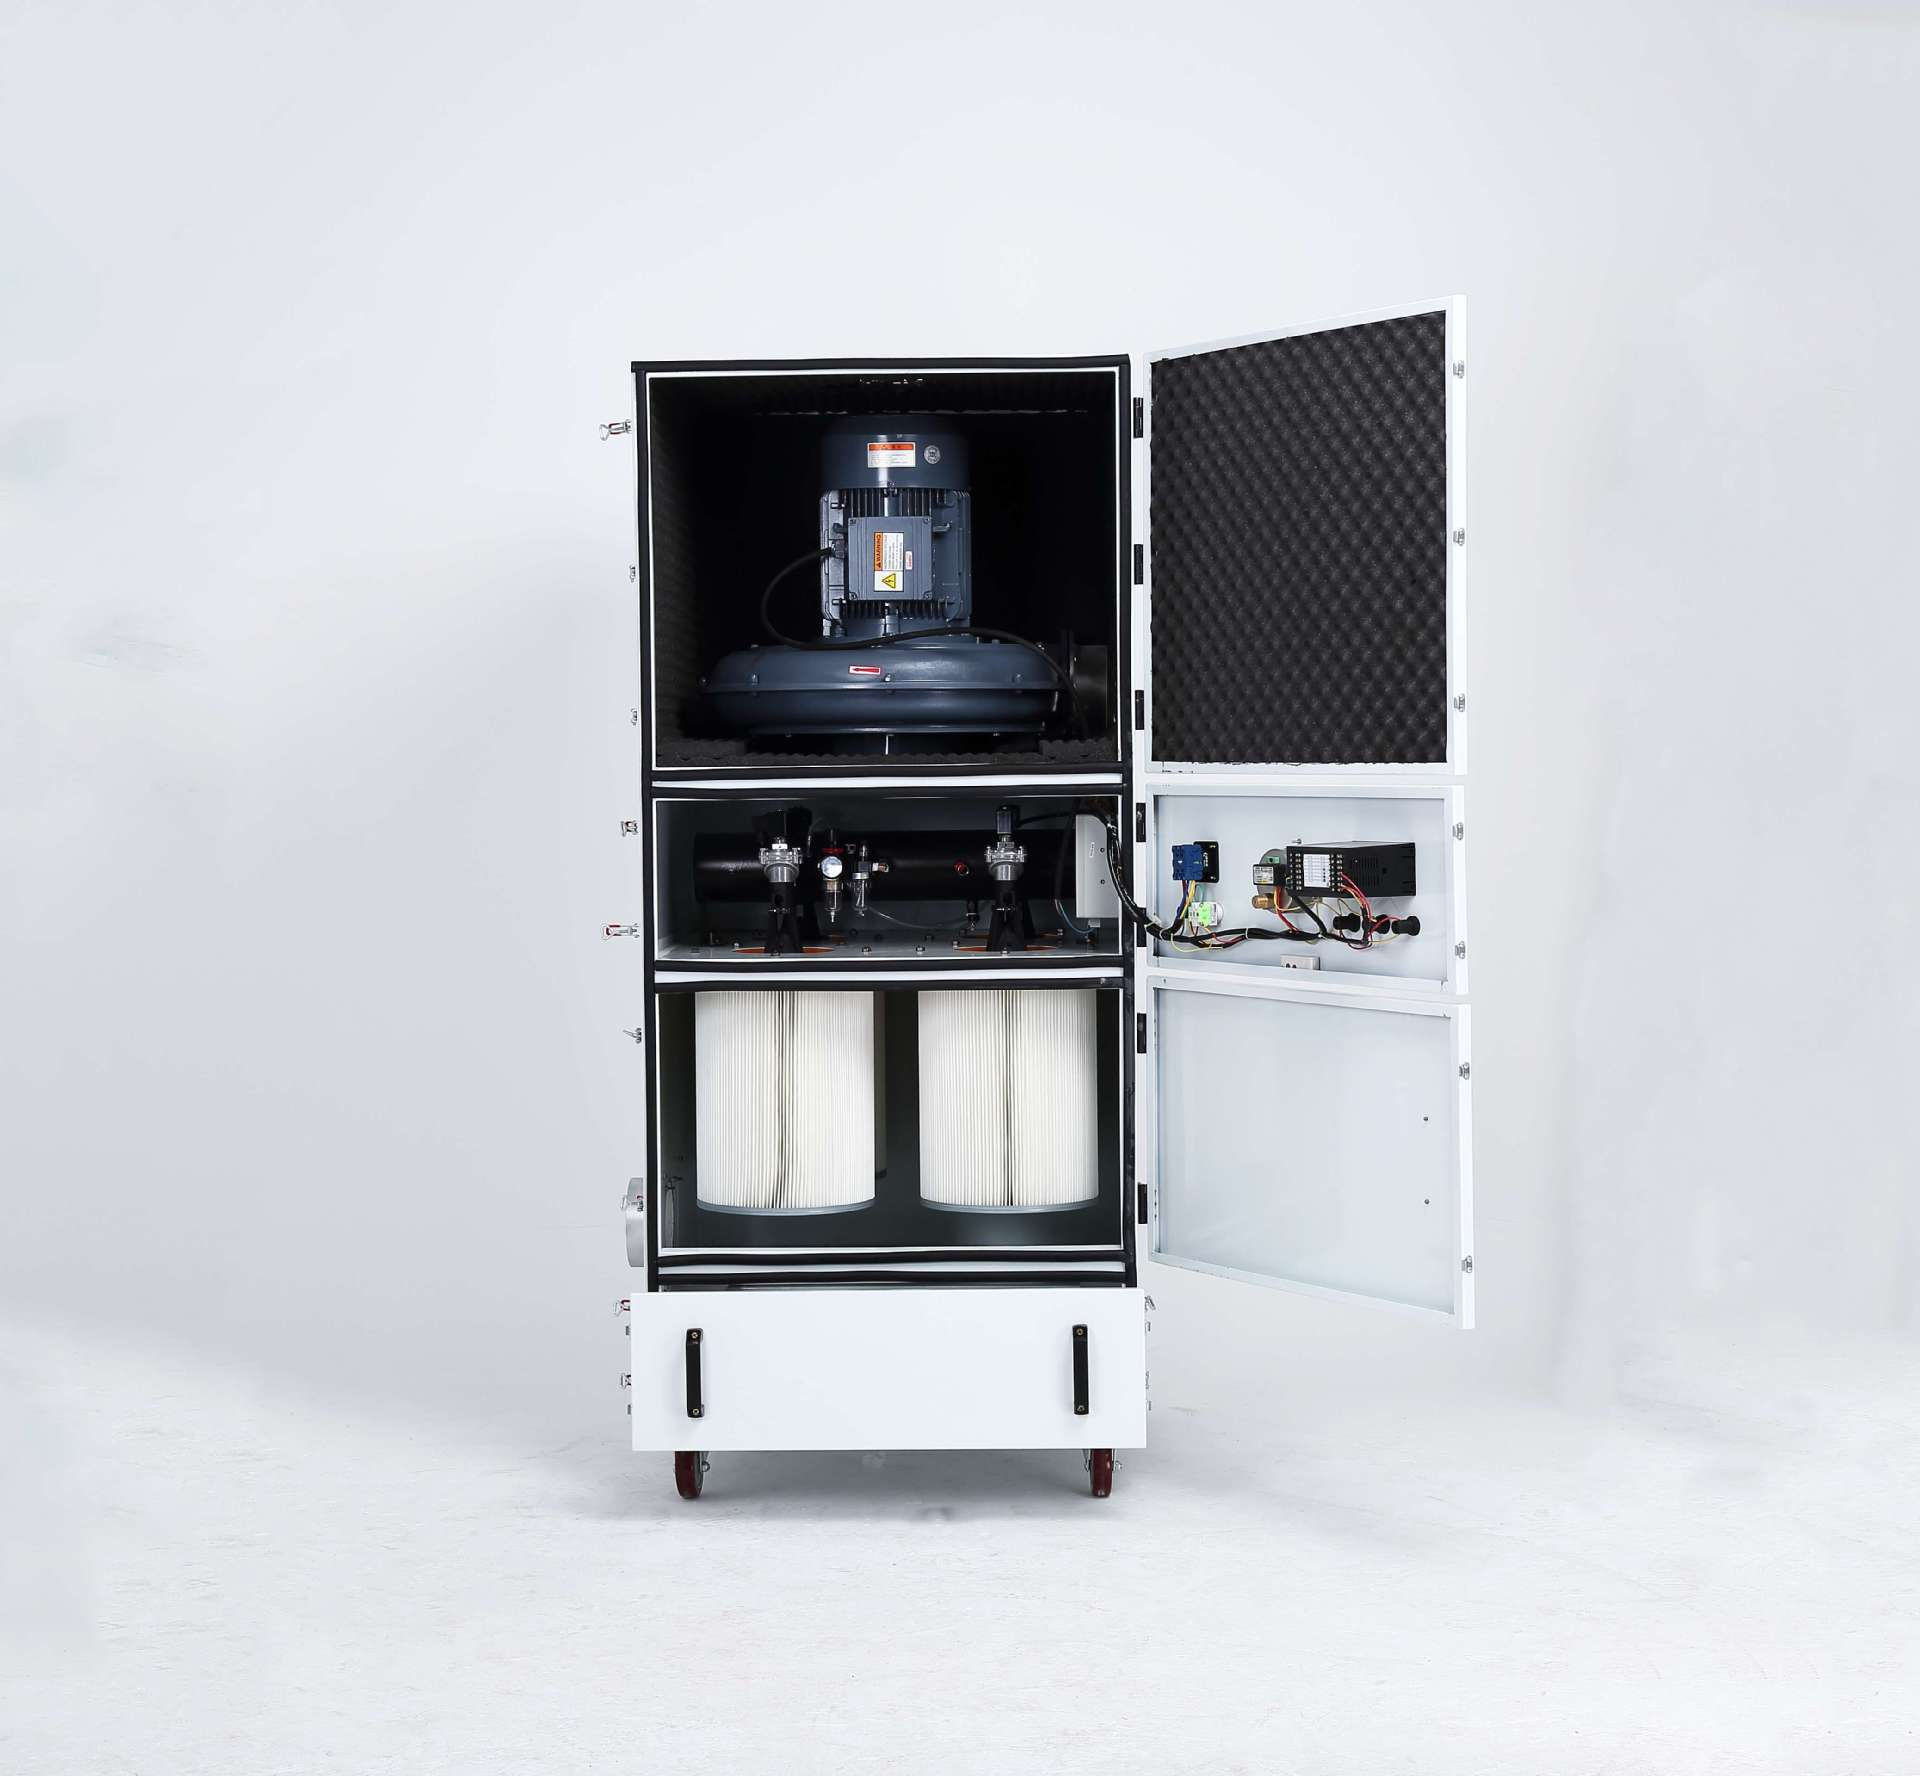 柜式脉冲反吹吸尘器 石墨粉尘吸尘器  抛光打磨滤筒式吸尘器 脉冲反吹吸尘器示例图4